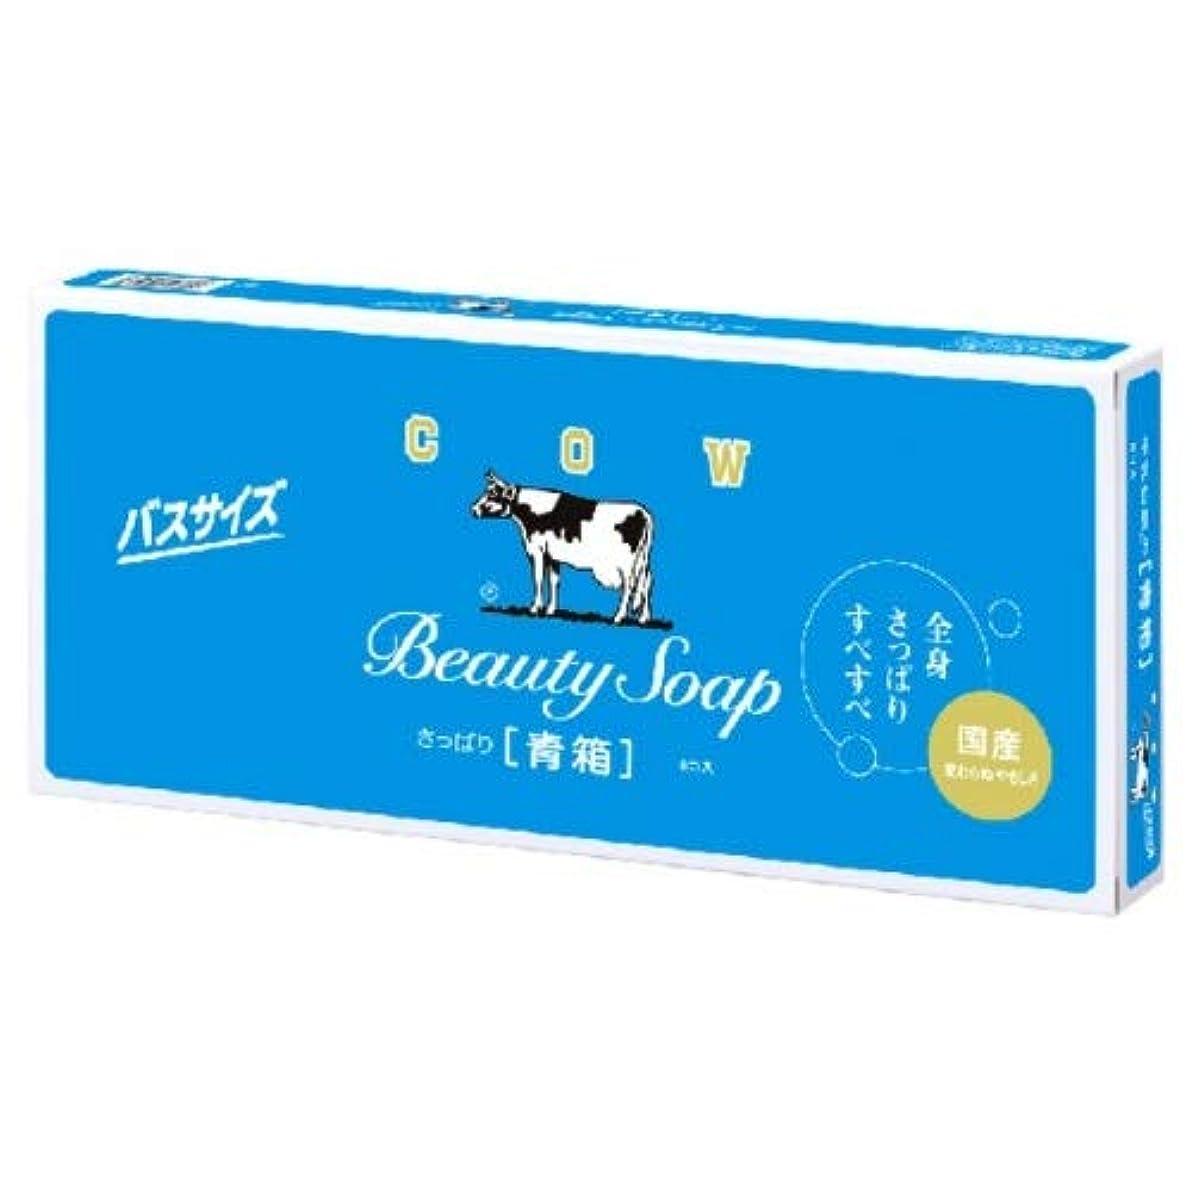 知らせる時期尚早ブランド名牛乳石鹸 カウブランド 青箱 バスサイズ 6コ入